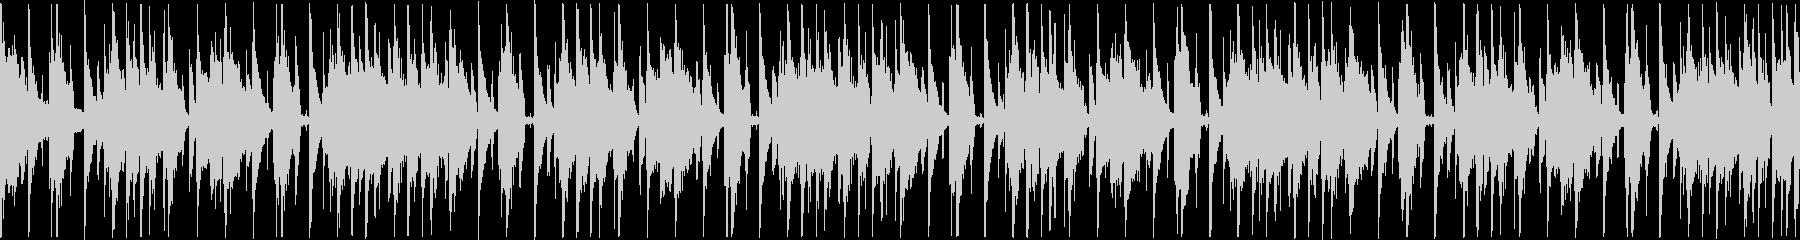 TikTok ノリノリ ファンク ループの未再生の波形